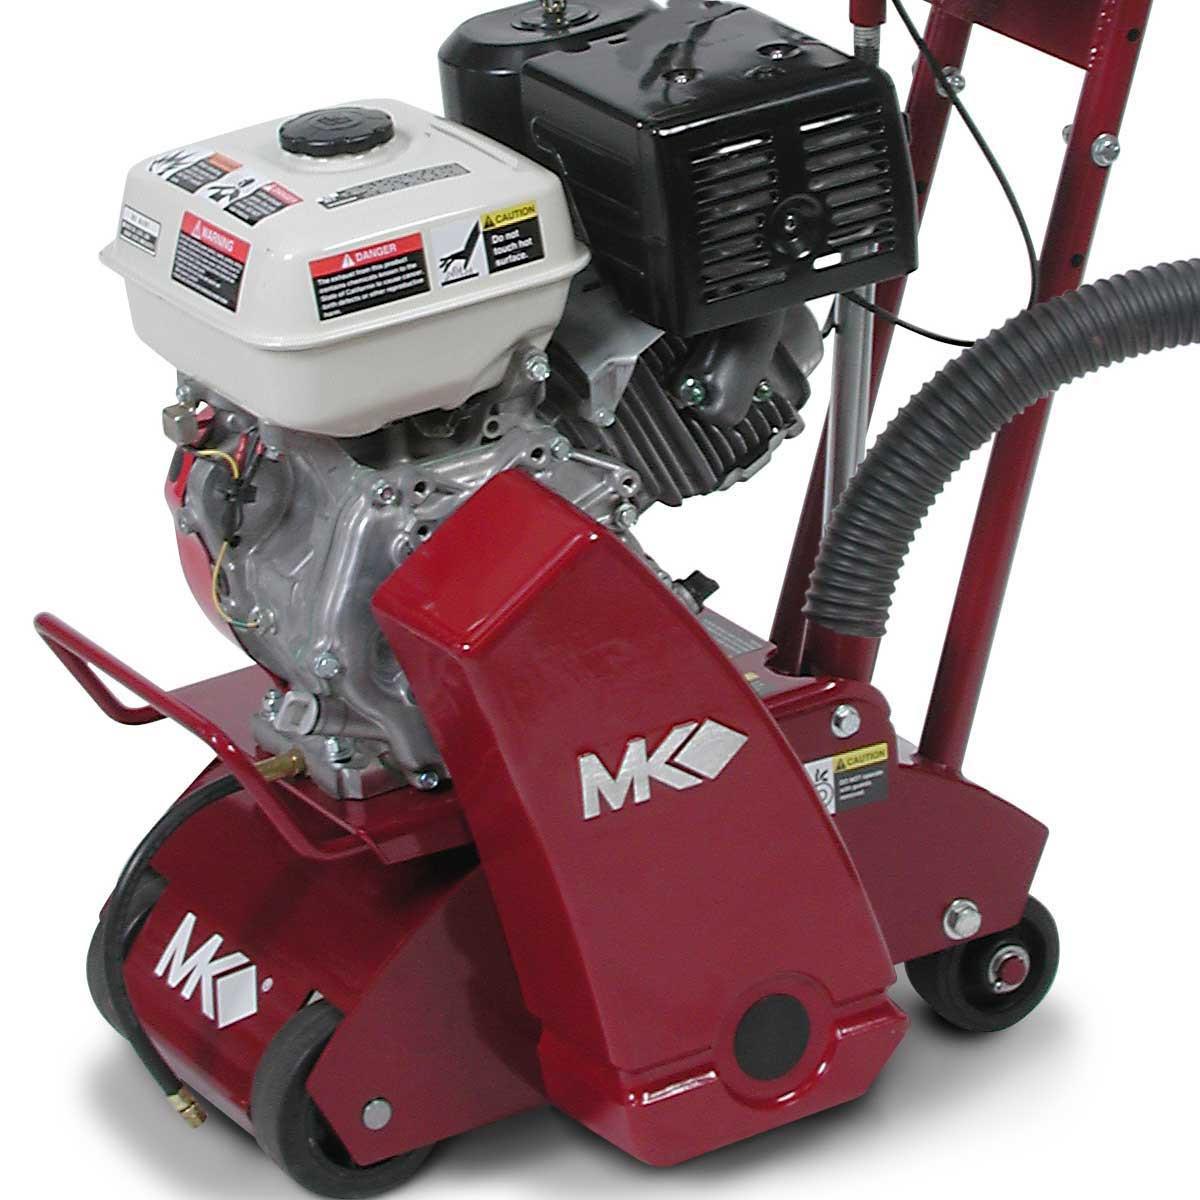 MK-SG-9 Honda Gas 8 inch Scarifier